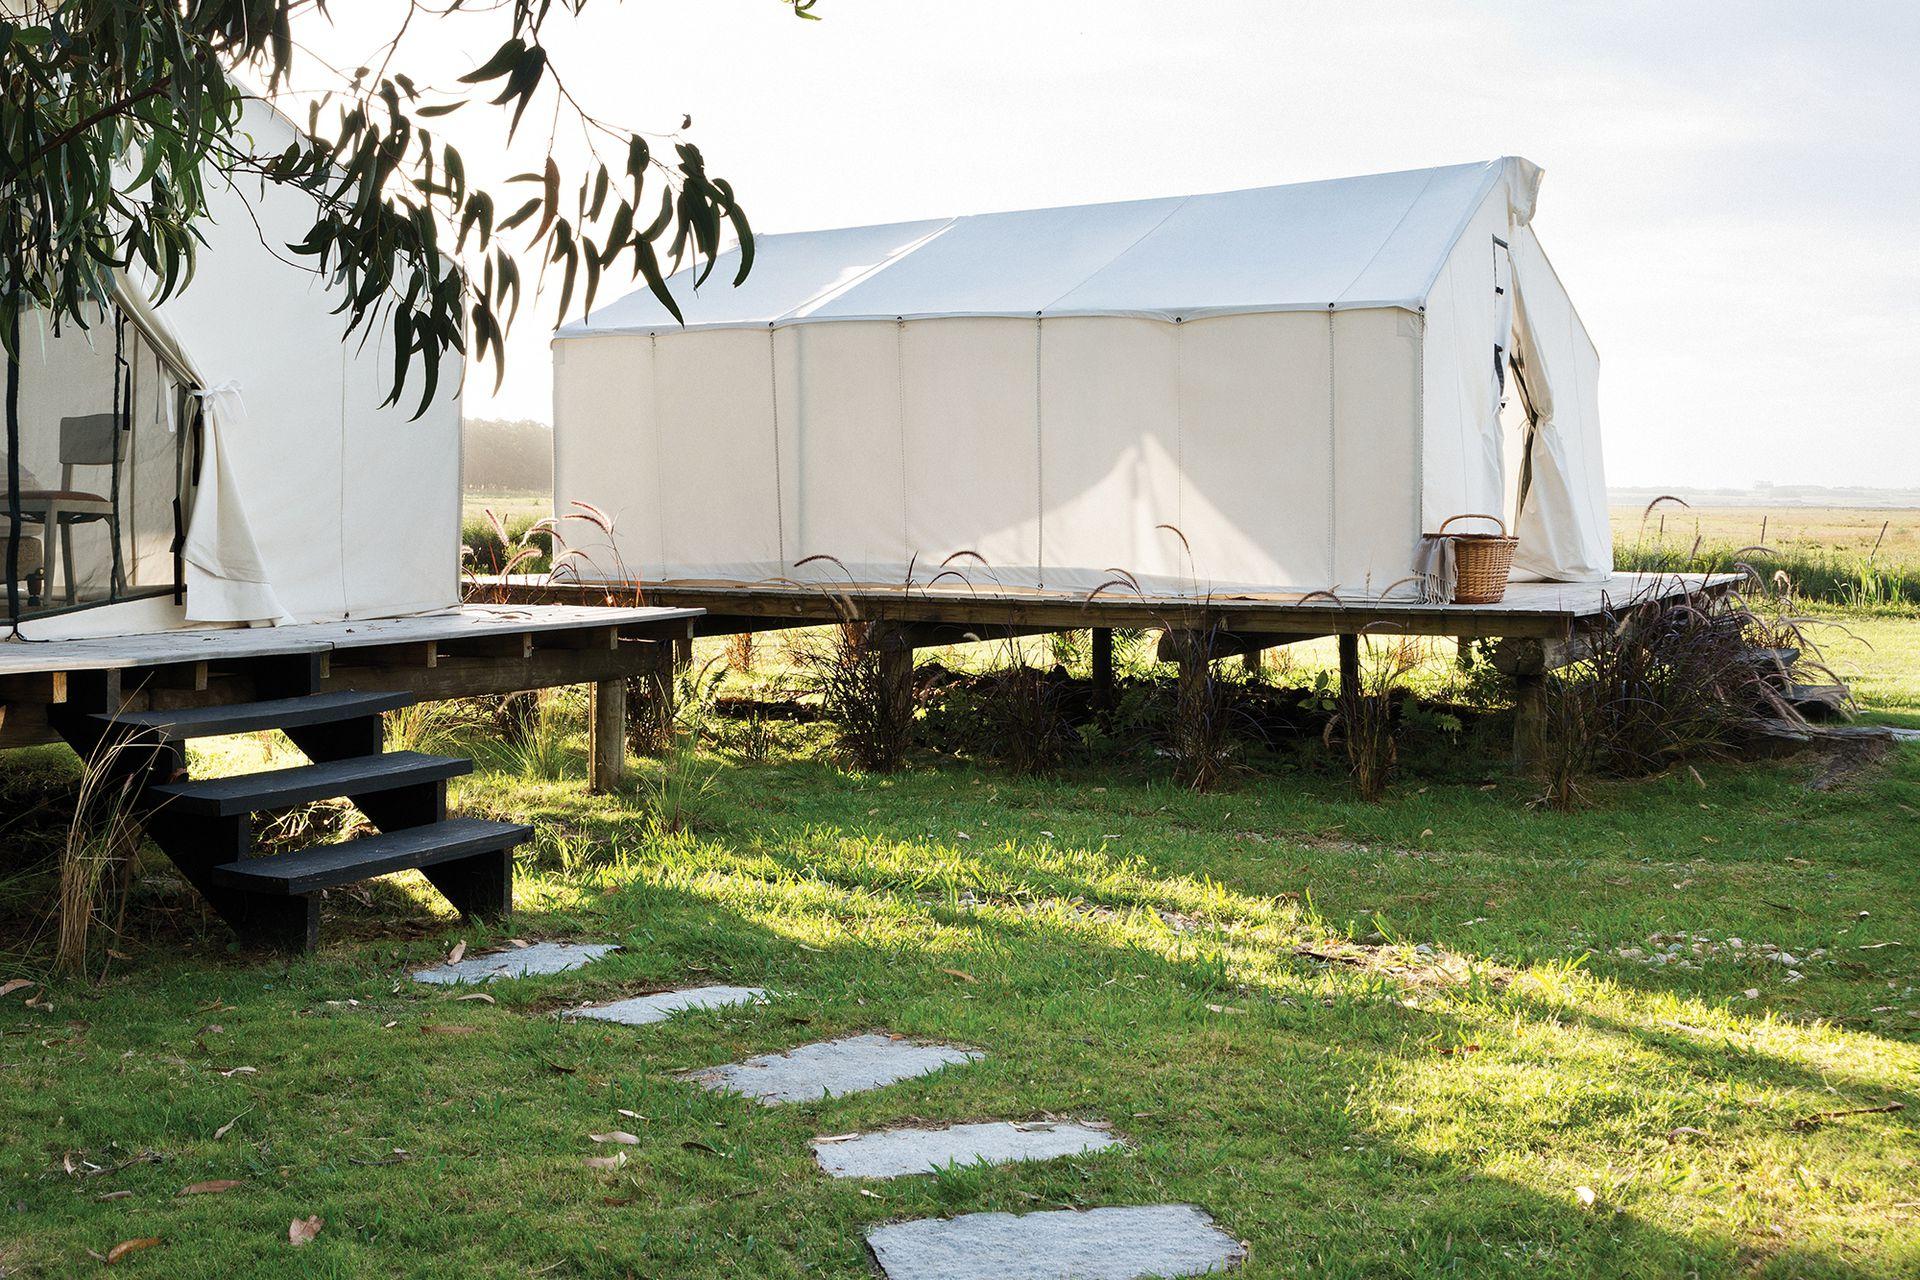 A la casa y a las dos cabañas se suman dos carpas como la alternativa más osada de alojamiento.